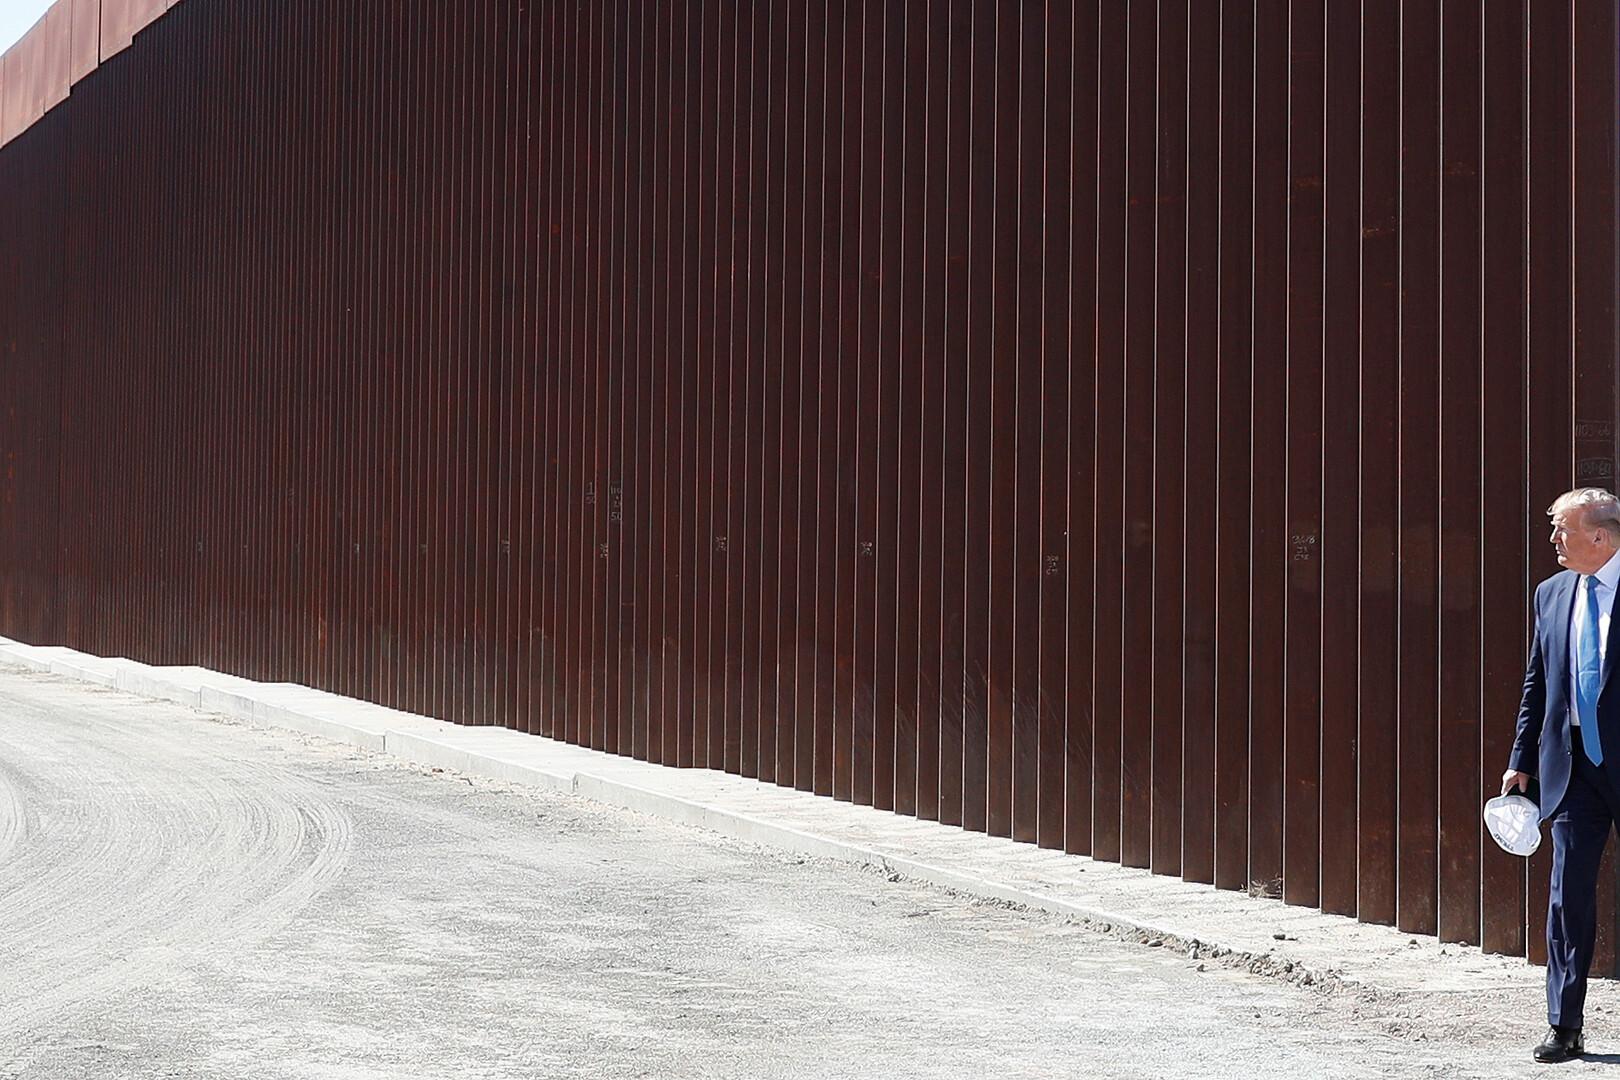 صحيفة: ترامب اقترح إطلاق التماسيح والأفاعي على المهاجرين لمنعهم من التسلل